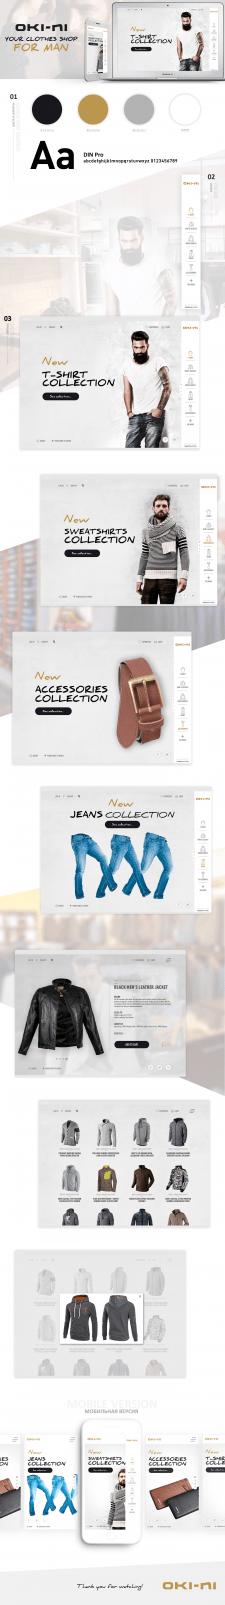 Дизайн сайта мужской одежды - Oki-ni